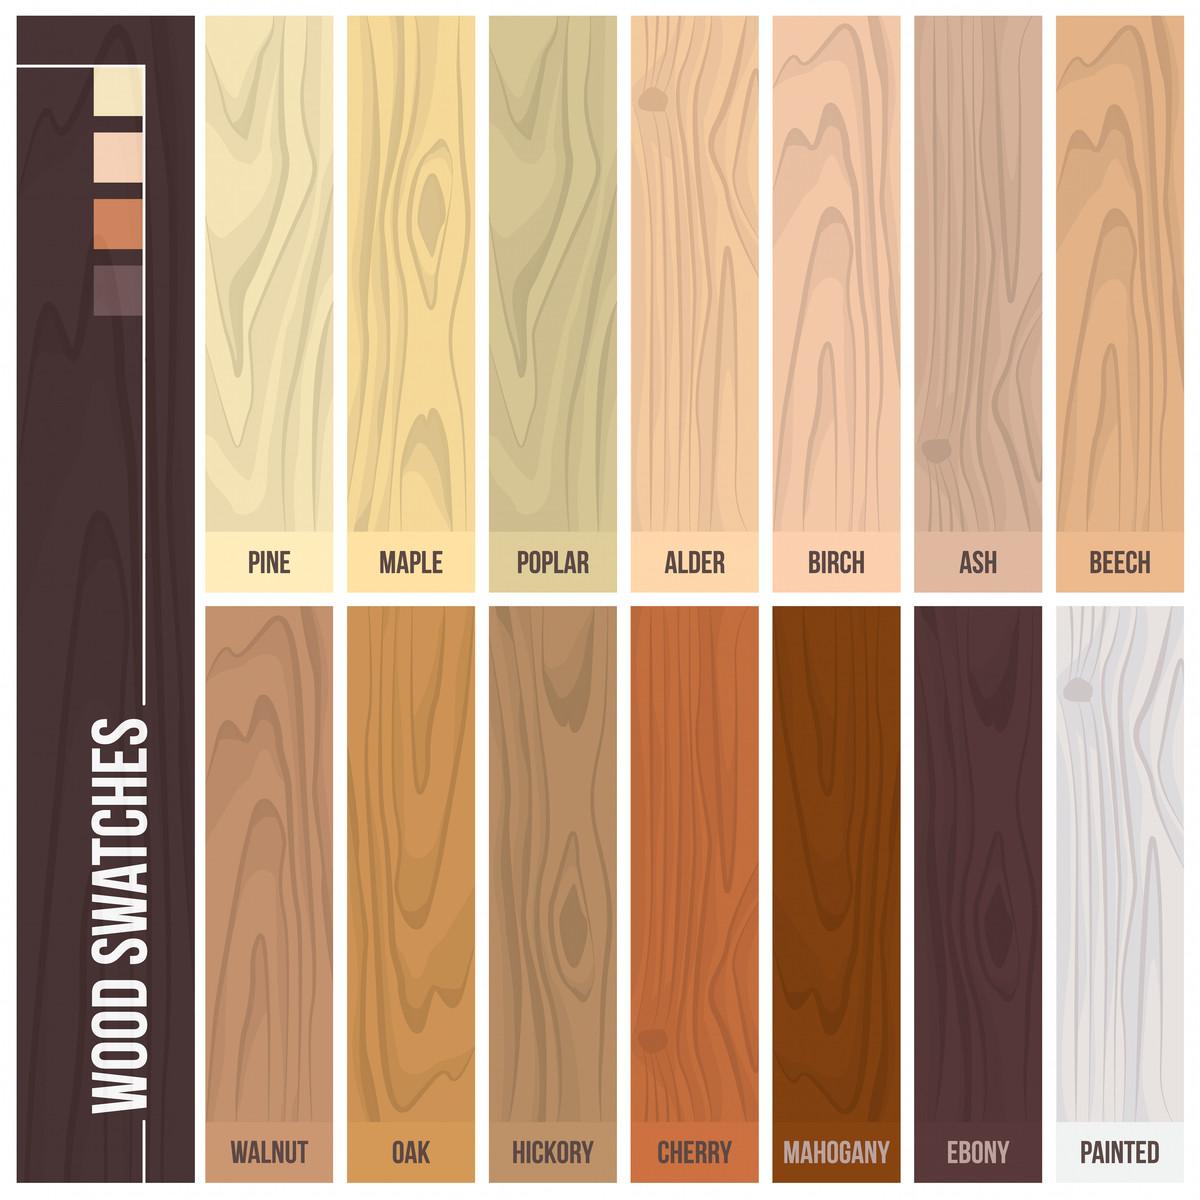 hardwood floor estimate template of 12 types of hardwood flooring species styles edging dimensions intended for types of hardwood flooring illustrated guide